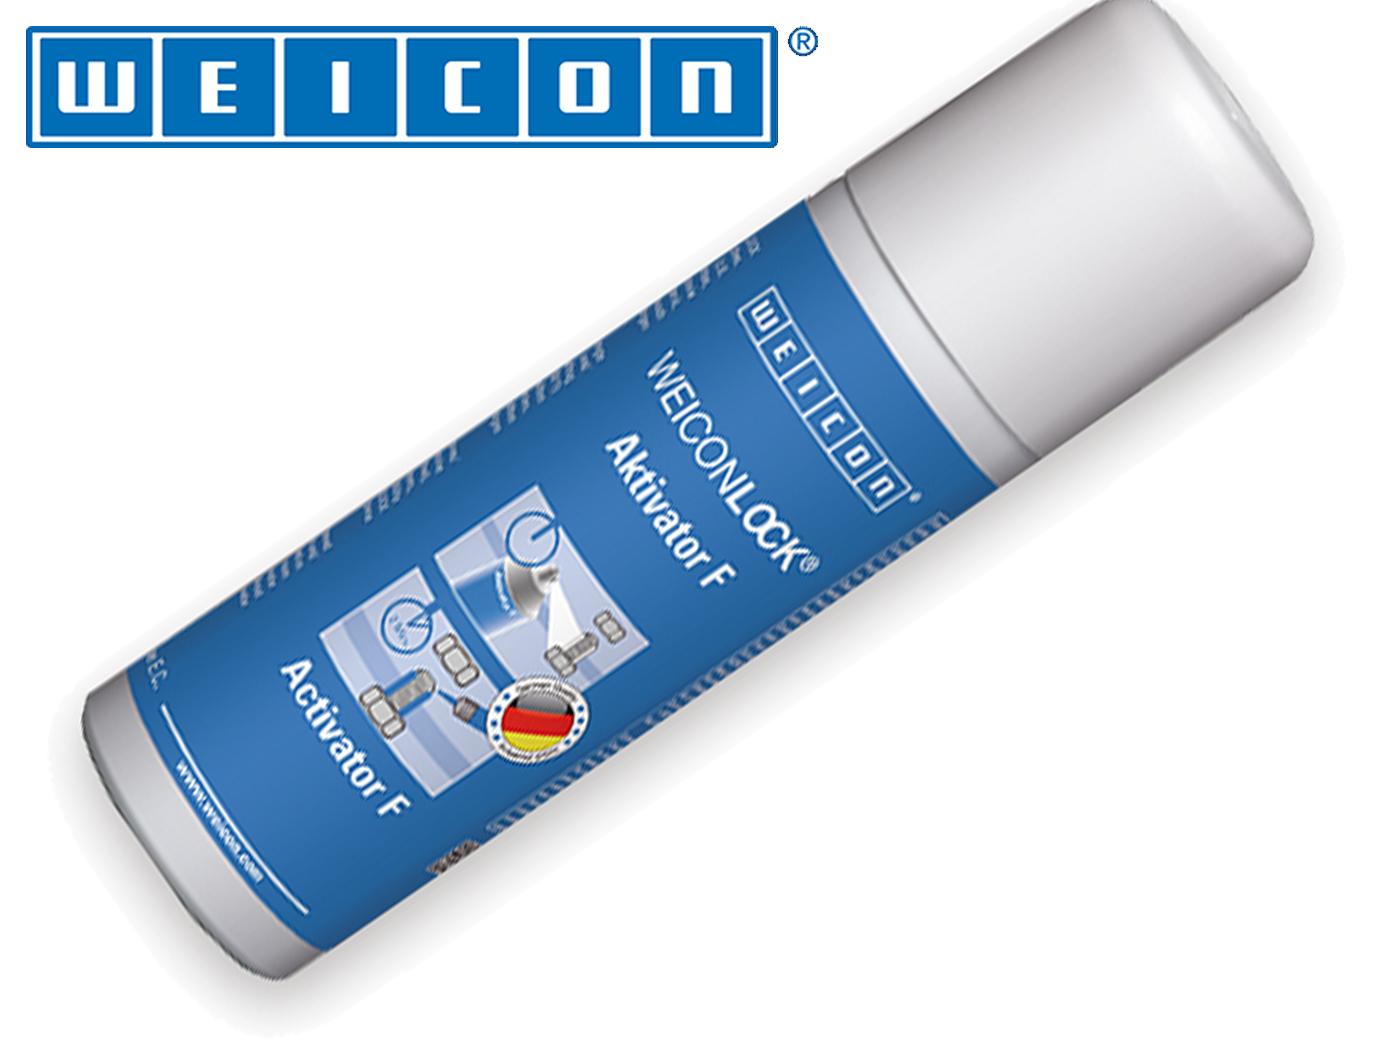 Weiconlock Activator Spray passieve oppervlakken | DKMTools - DKM Tools